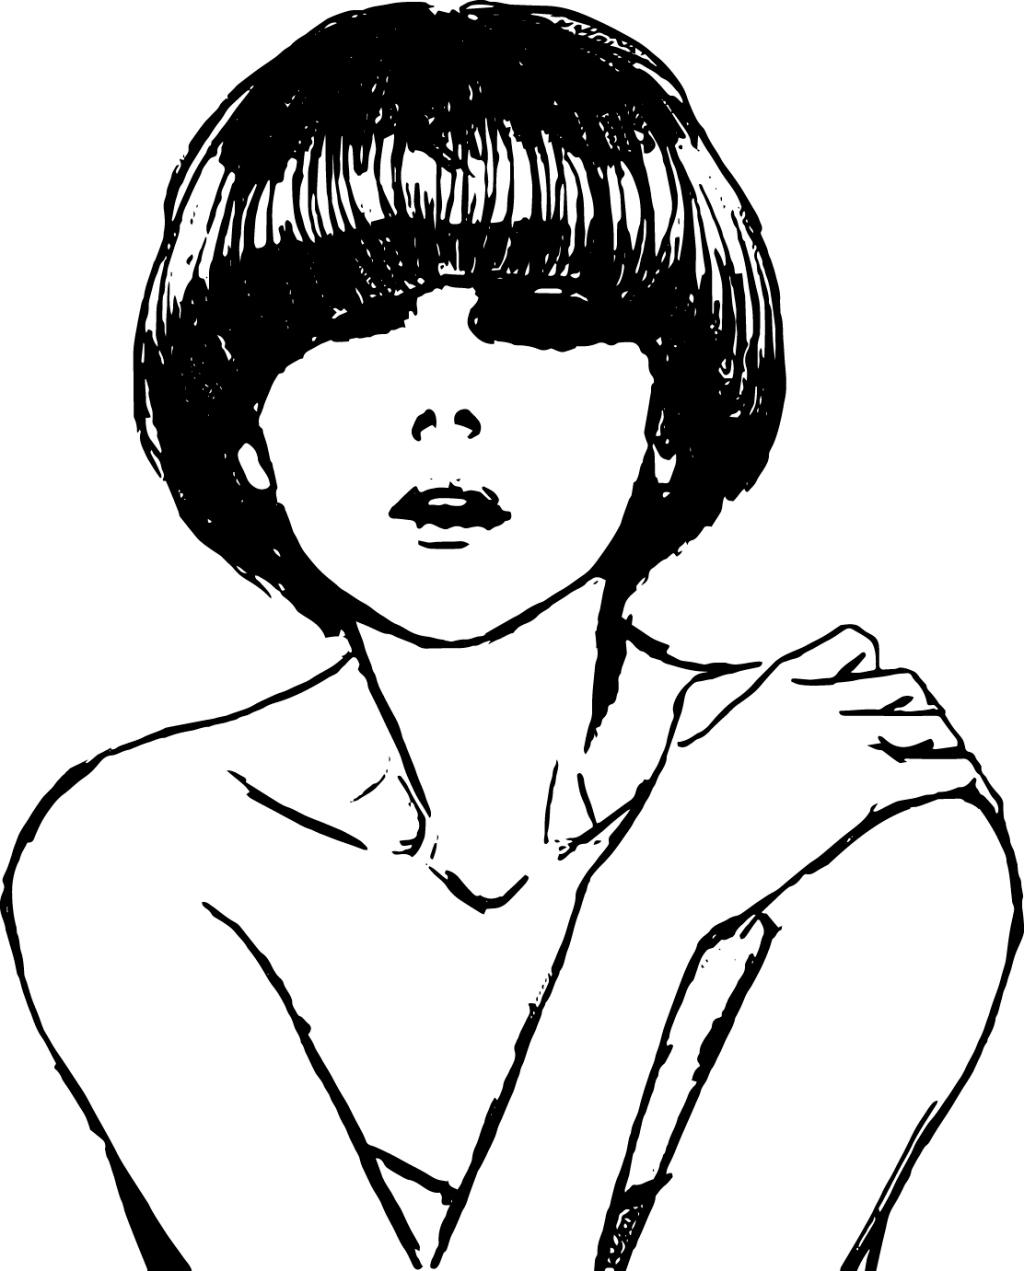 人物速写 铅笔画 美女 矢量 人物画 黑白速写 线描